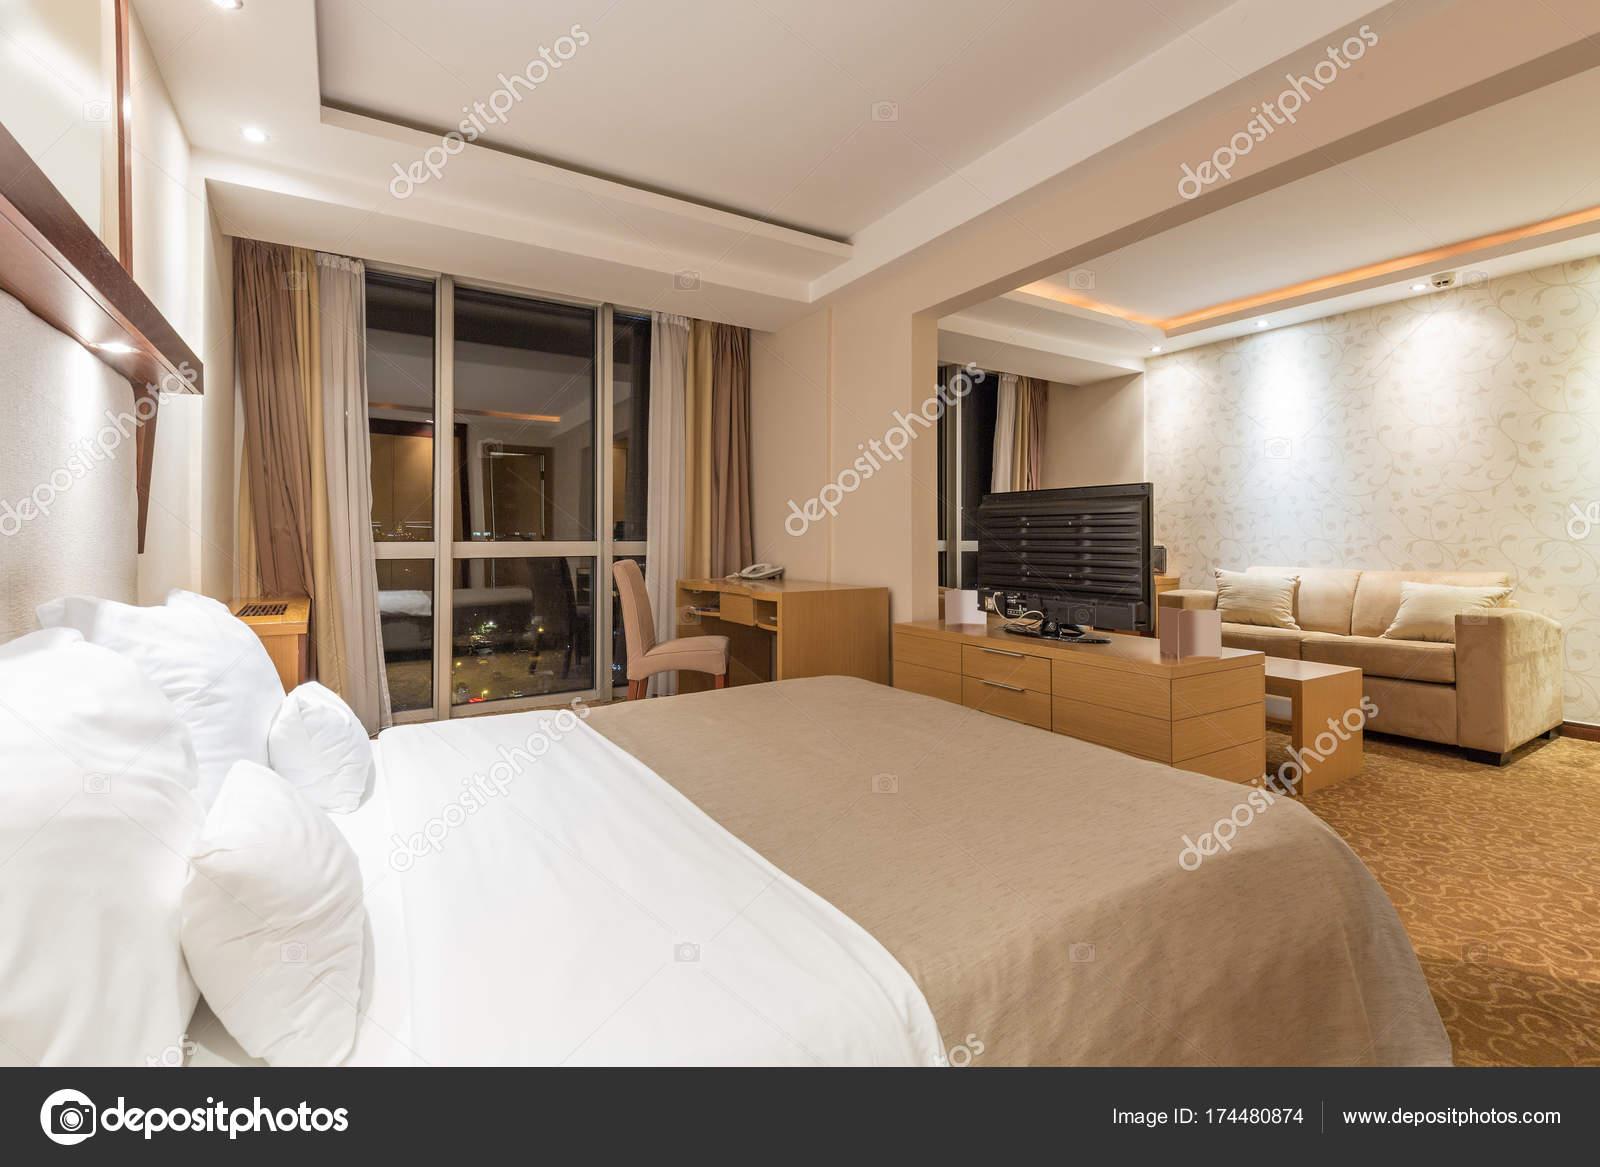 Interieur aus einem Hotel-Schlafzimmer — Stockfoto © rilueda #174480874